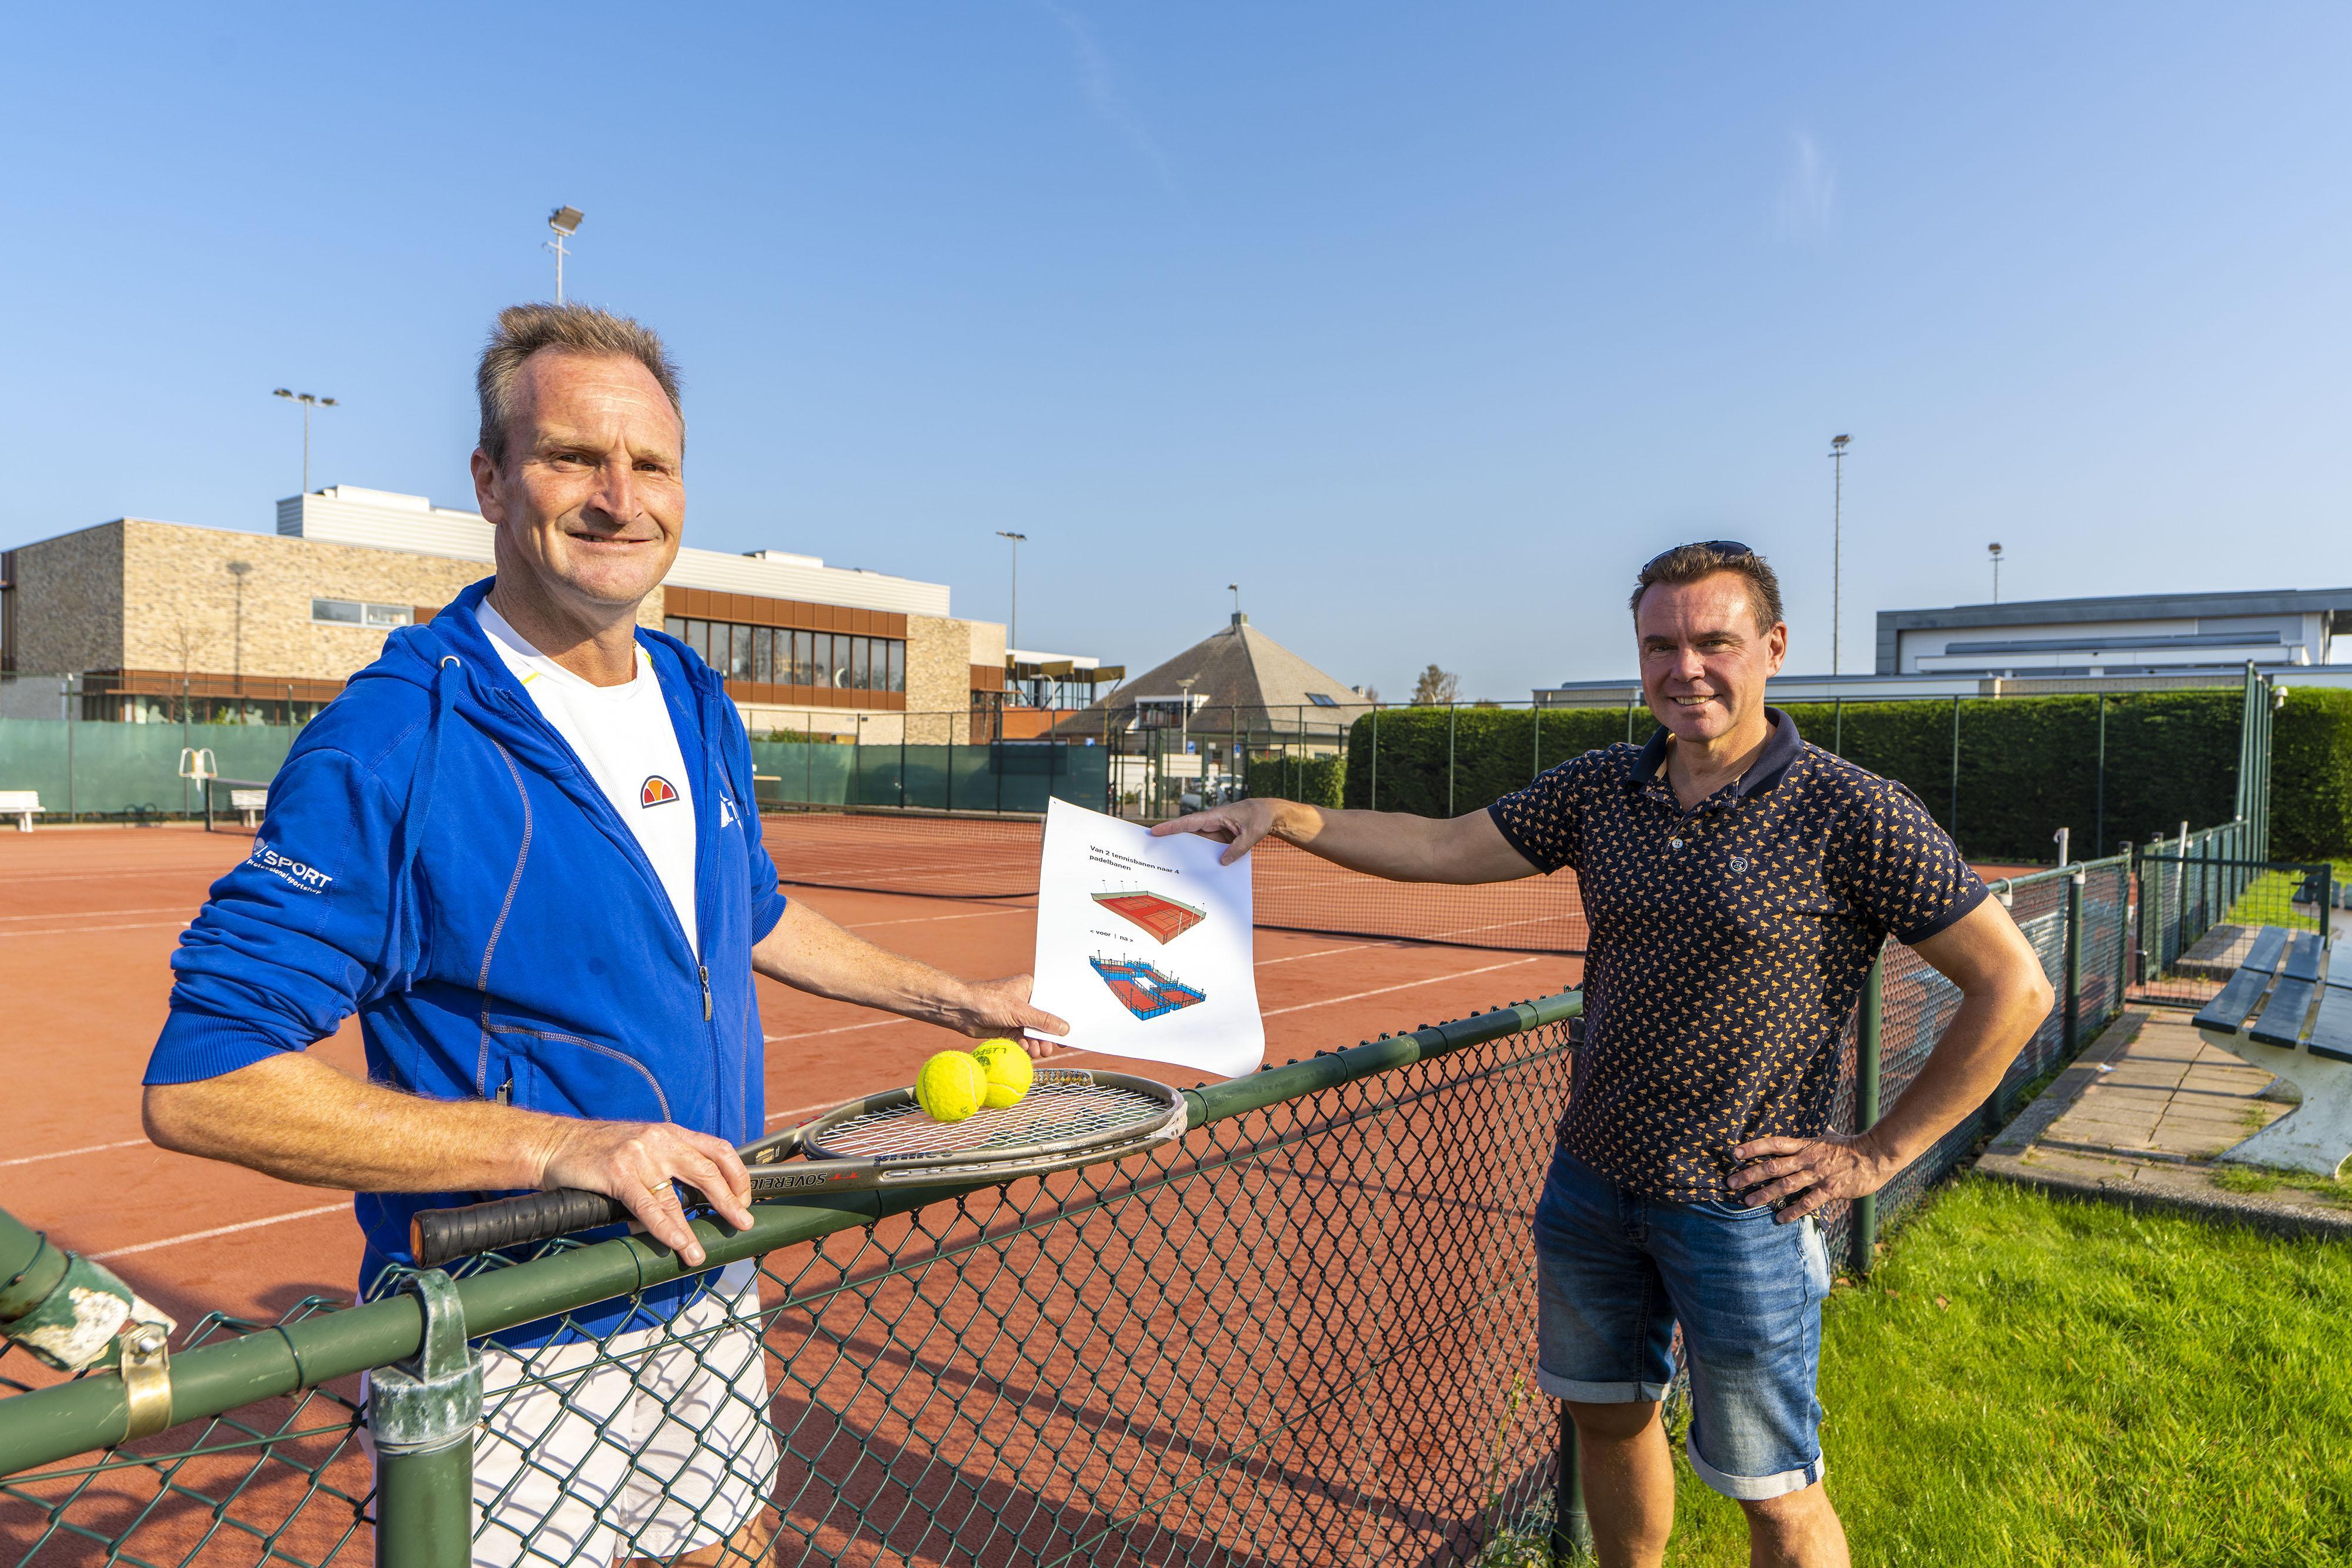 Katwijkse Lawn Tennis Vereniging levert twee tennisbanen in voor vier padelbanen: 'Momentum om te investeren is nu'